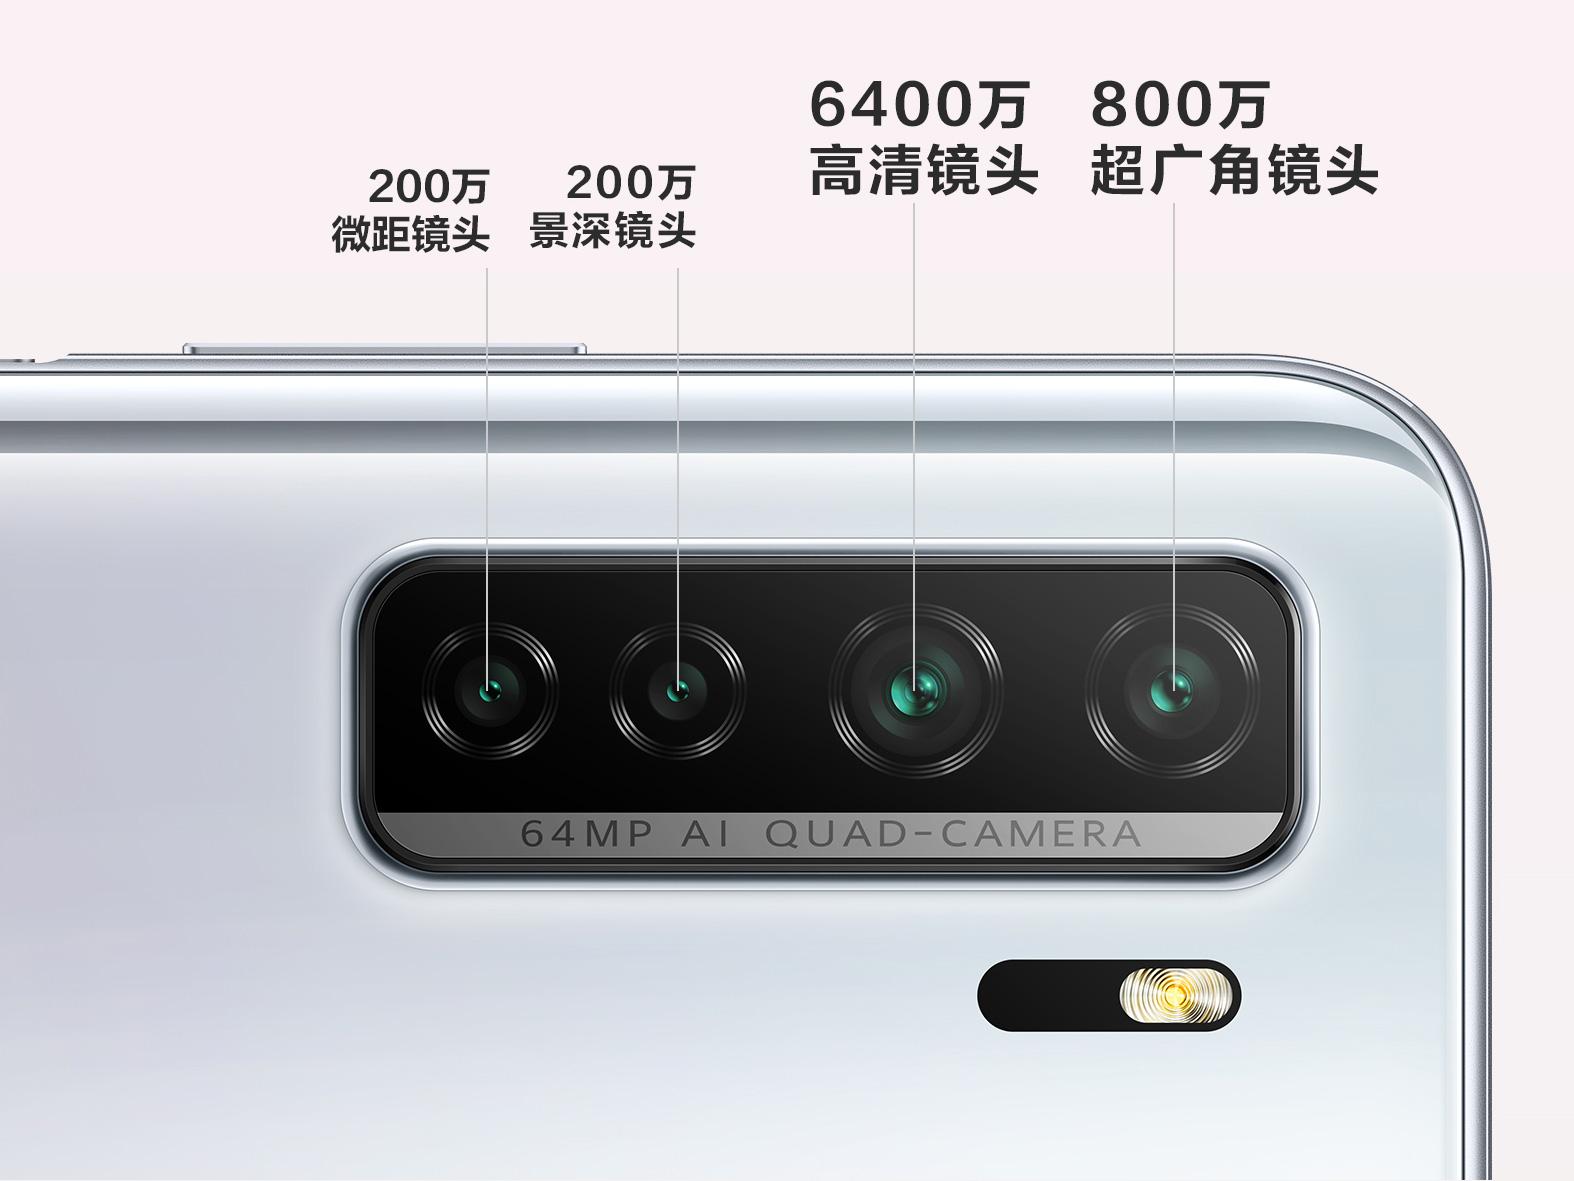 华为nova7SE乐活版上架,麒麟820E从8核变为6核 数码科技 第2张